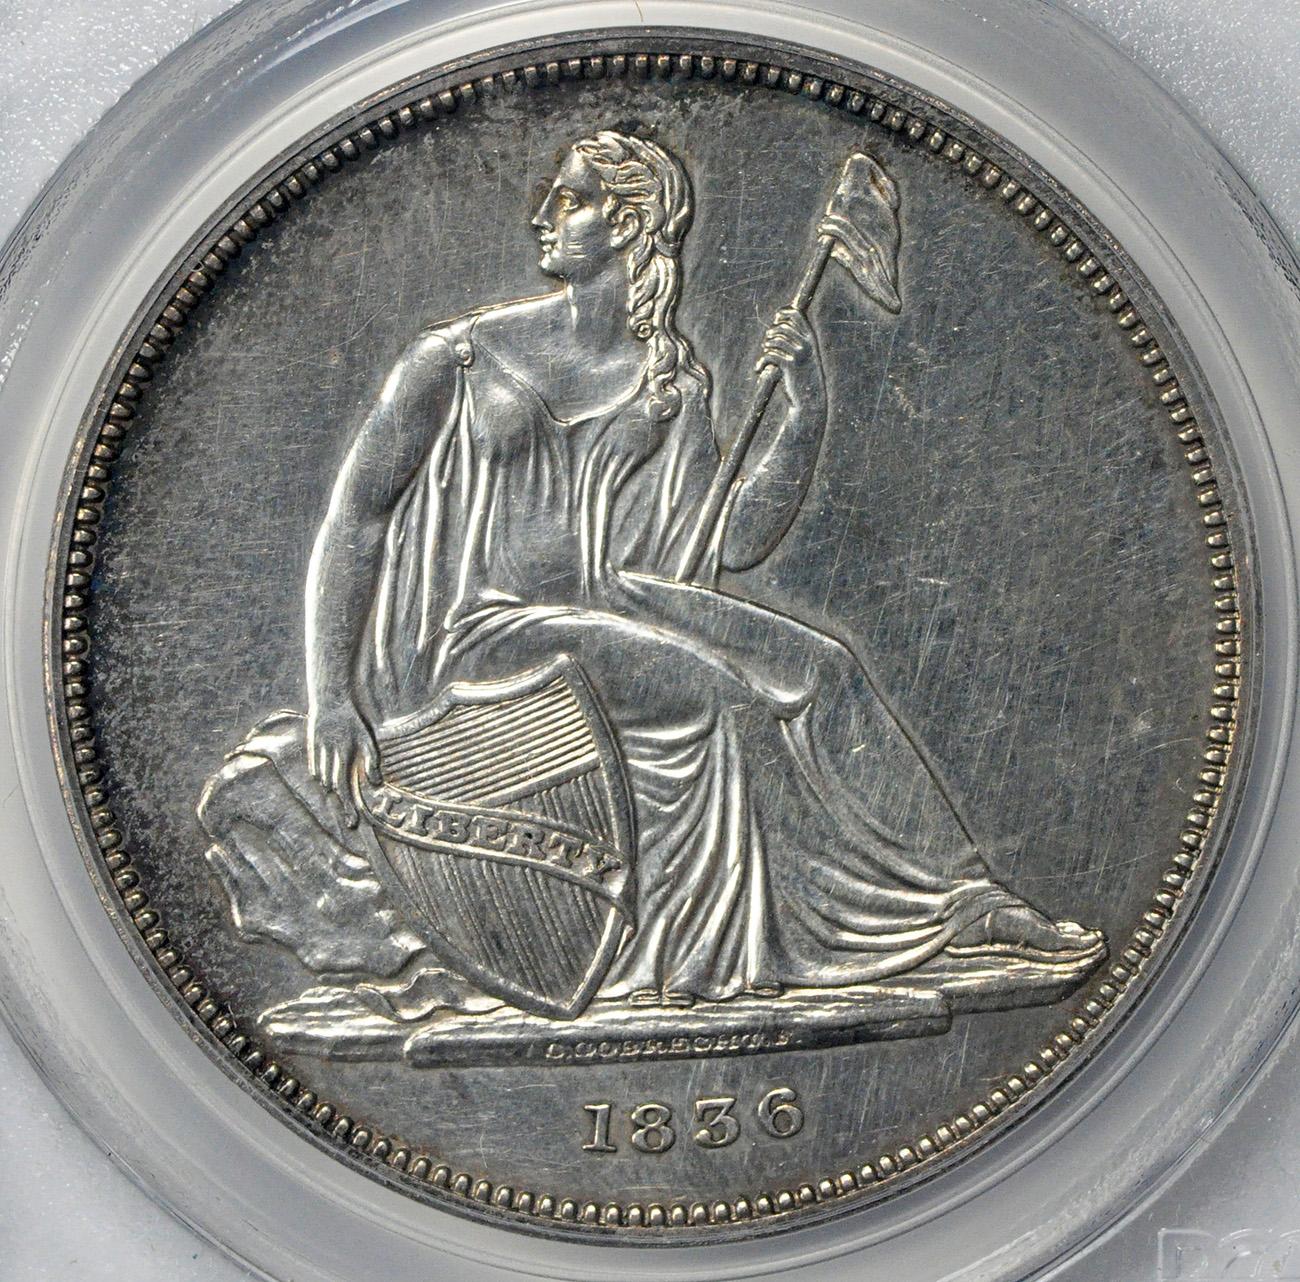 リバティ シーテッドダラー1ドル タイプ1 GOBRECHT DOLLARS Original Coin Alignment 1836 $1 PR61 PCGS